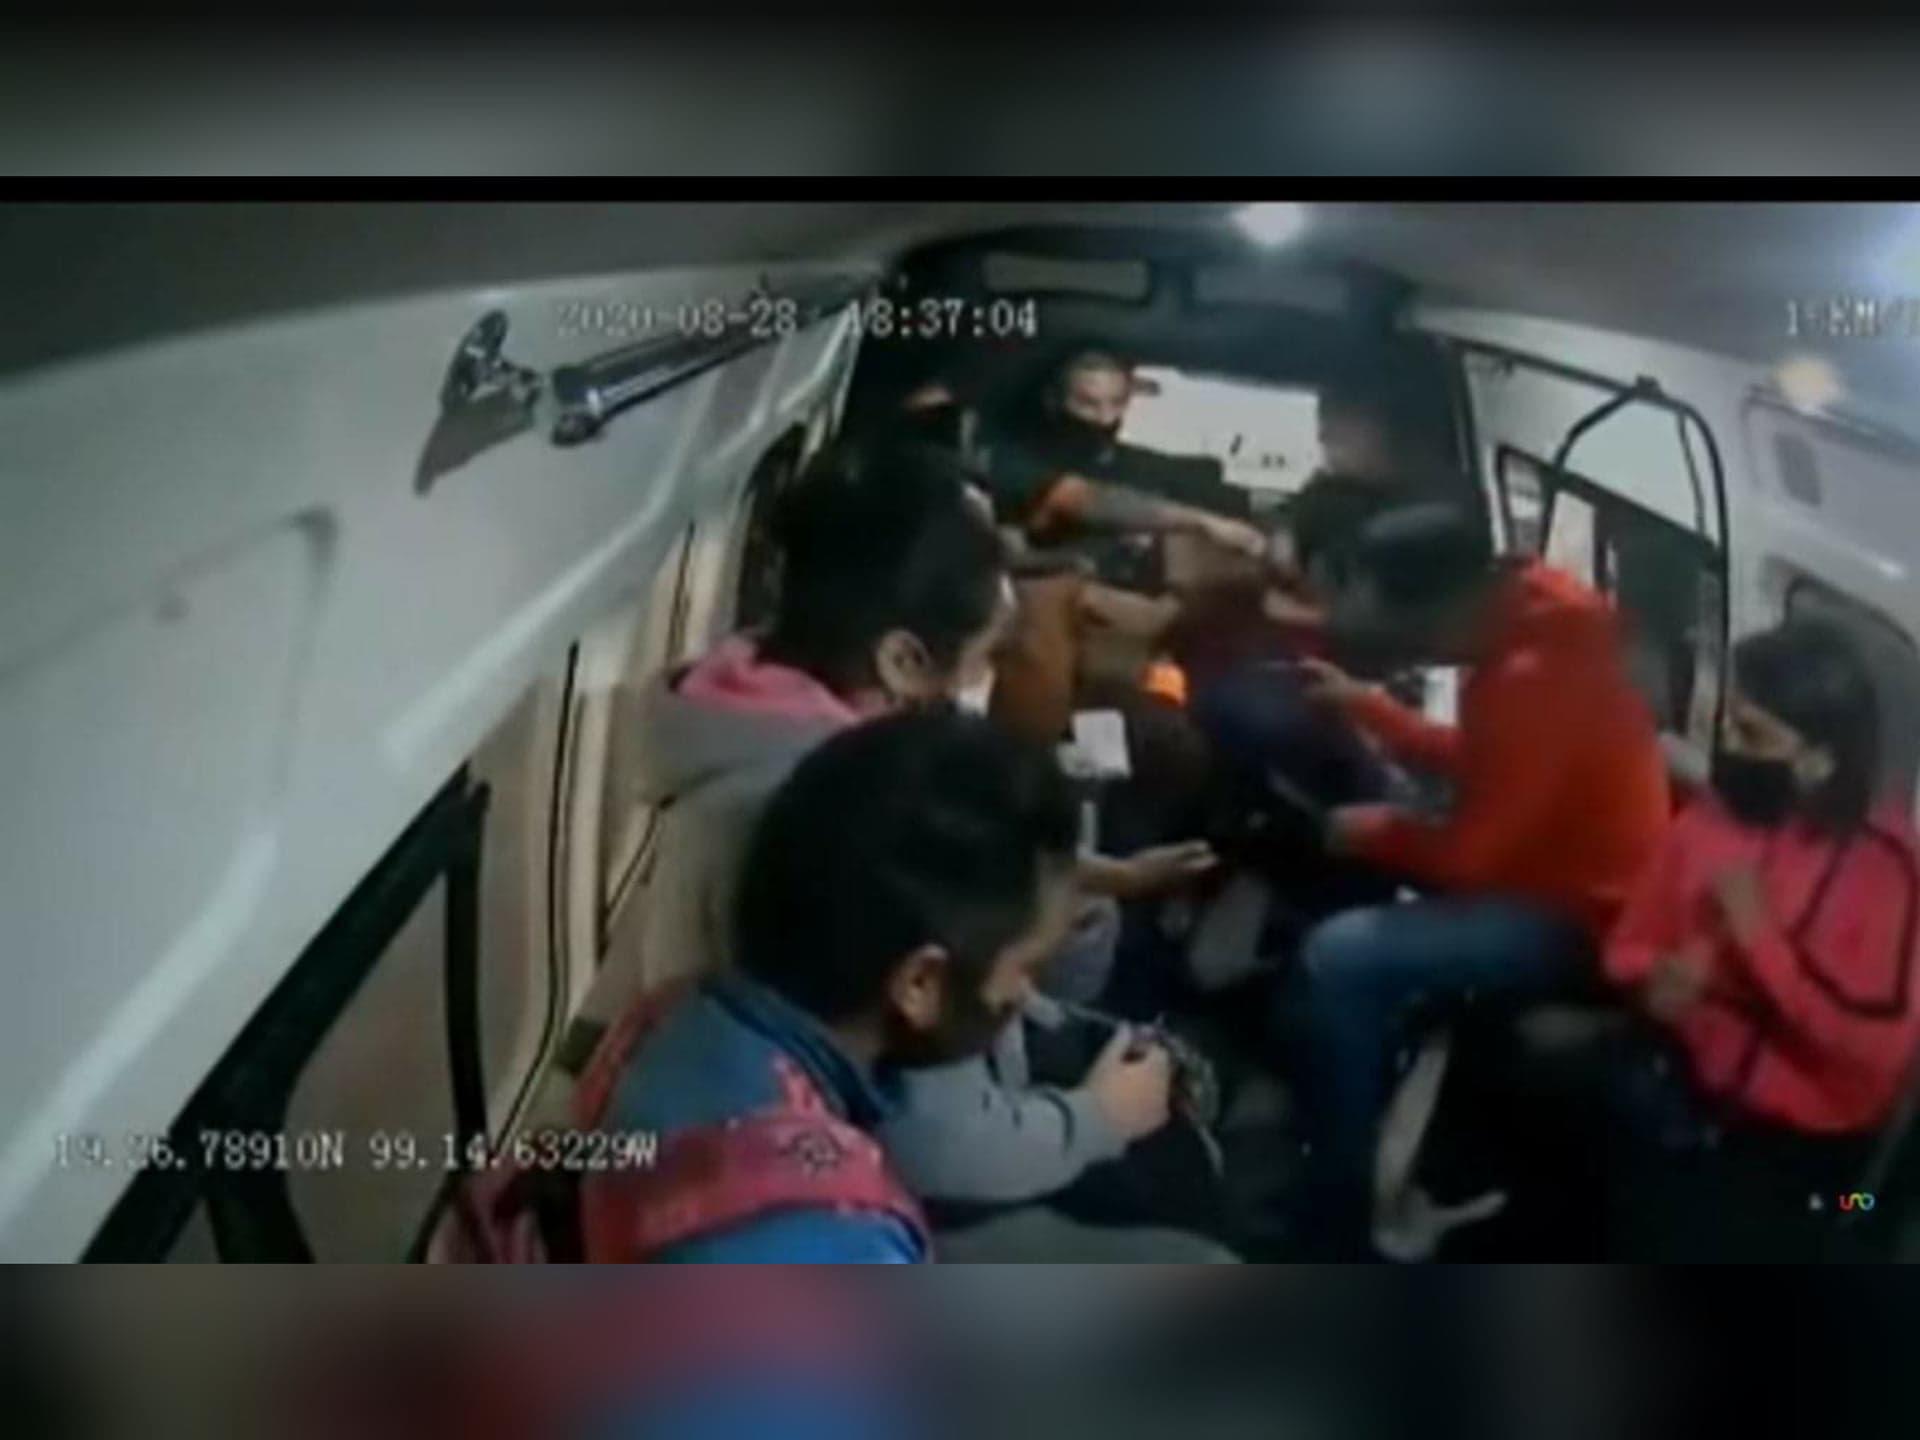 Dos robos en 10 minutos en transporte del Estado de México cobra la vida de un pasajero